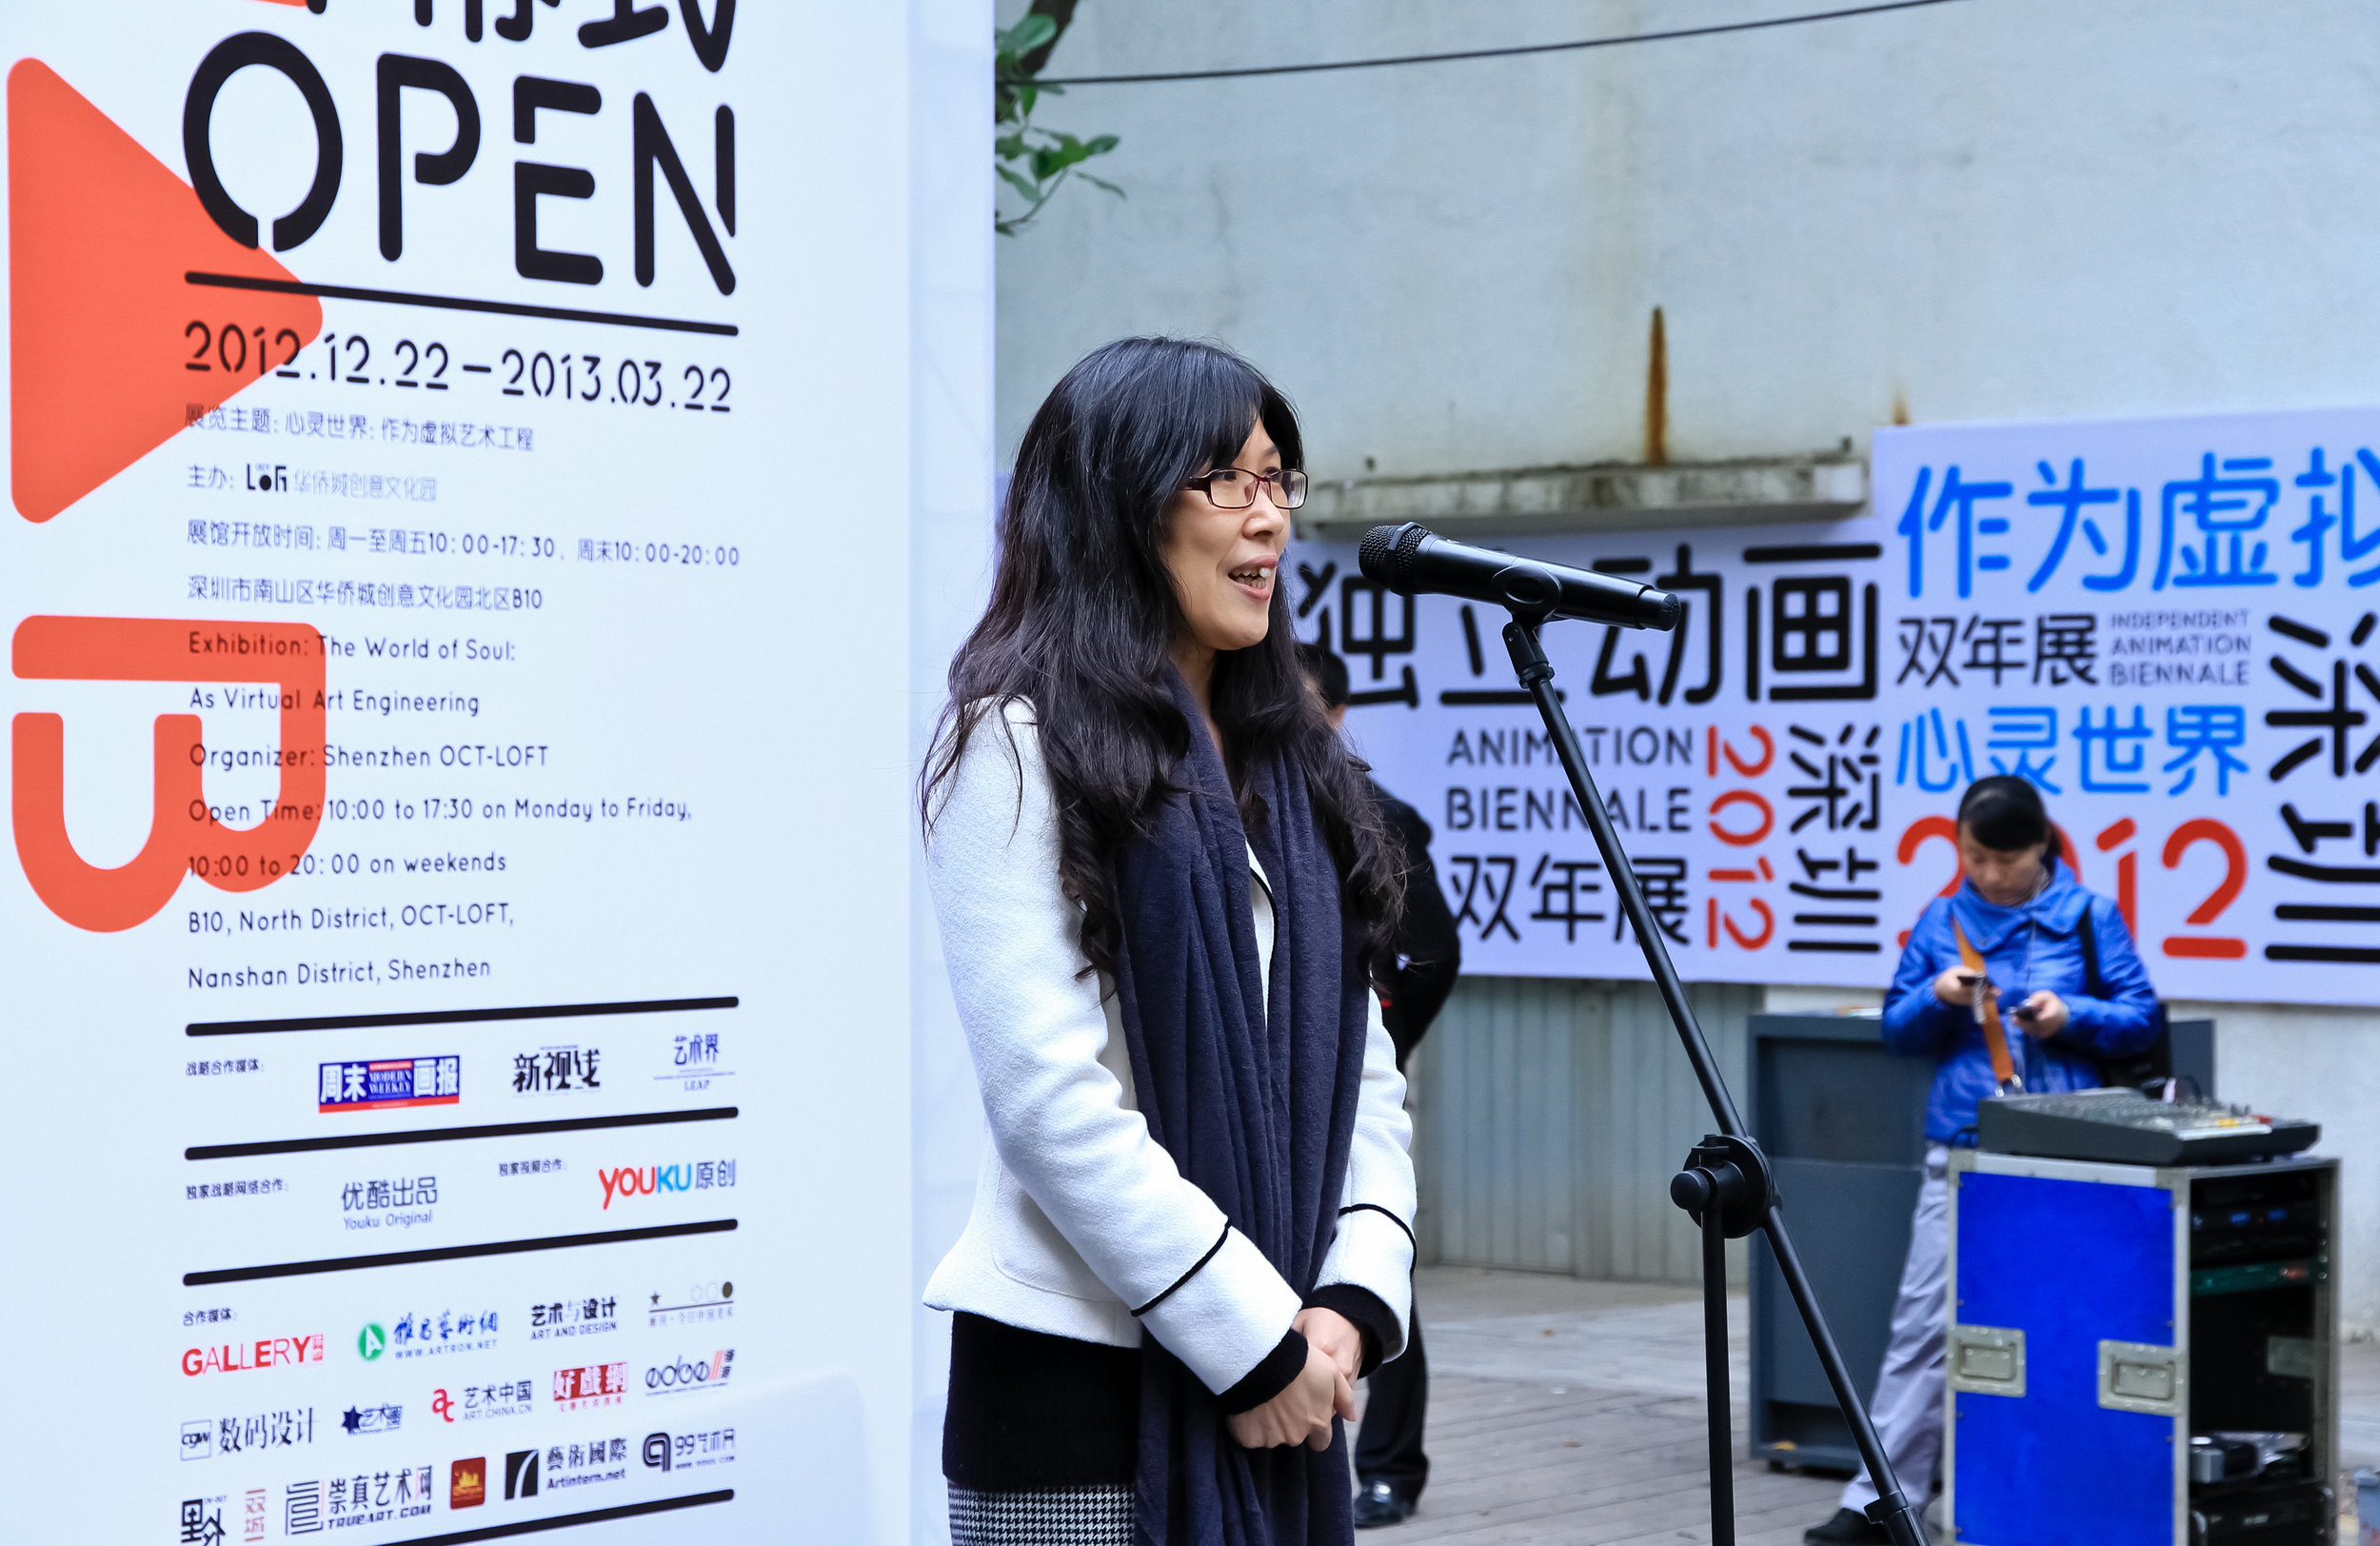 20121222首届深圳独立动画双年展07 欧阳勇 摄影.jpg